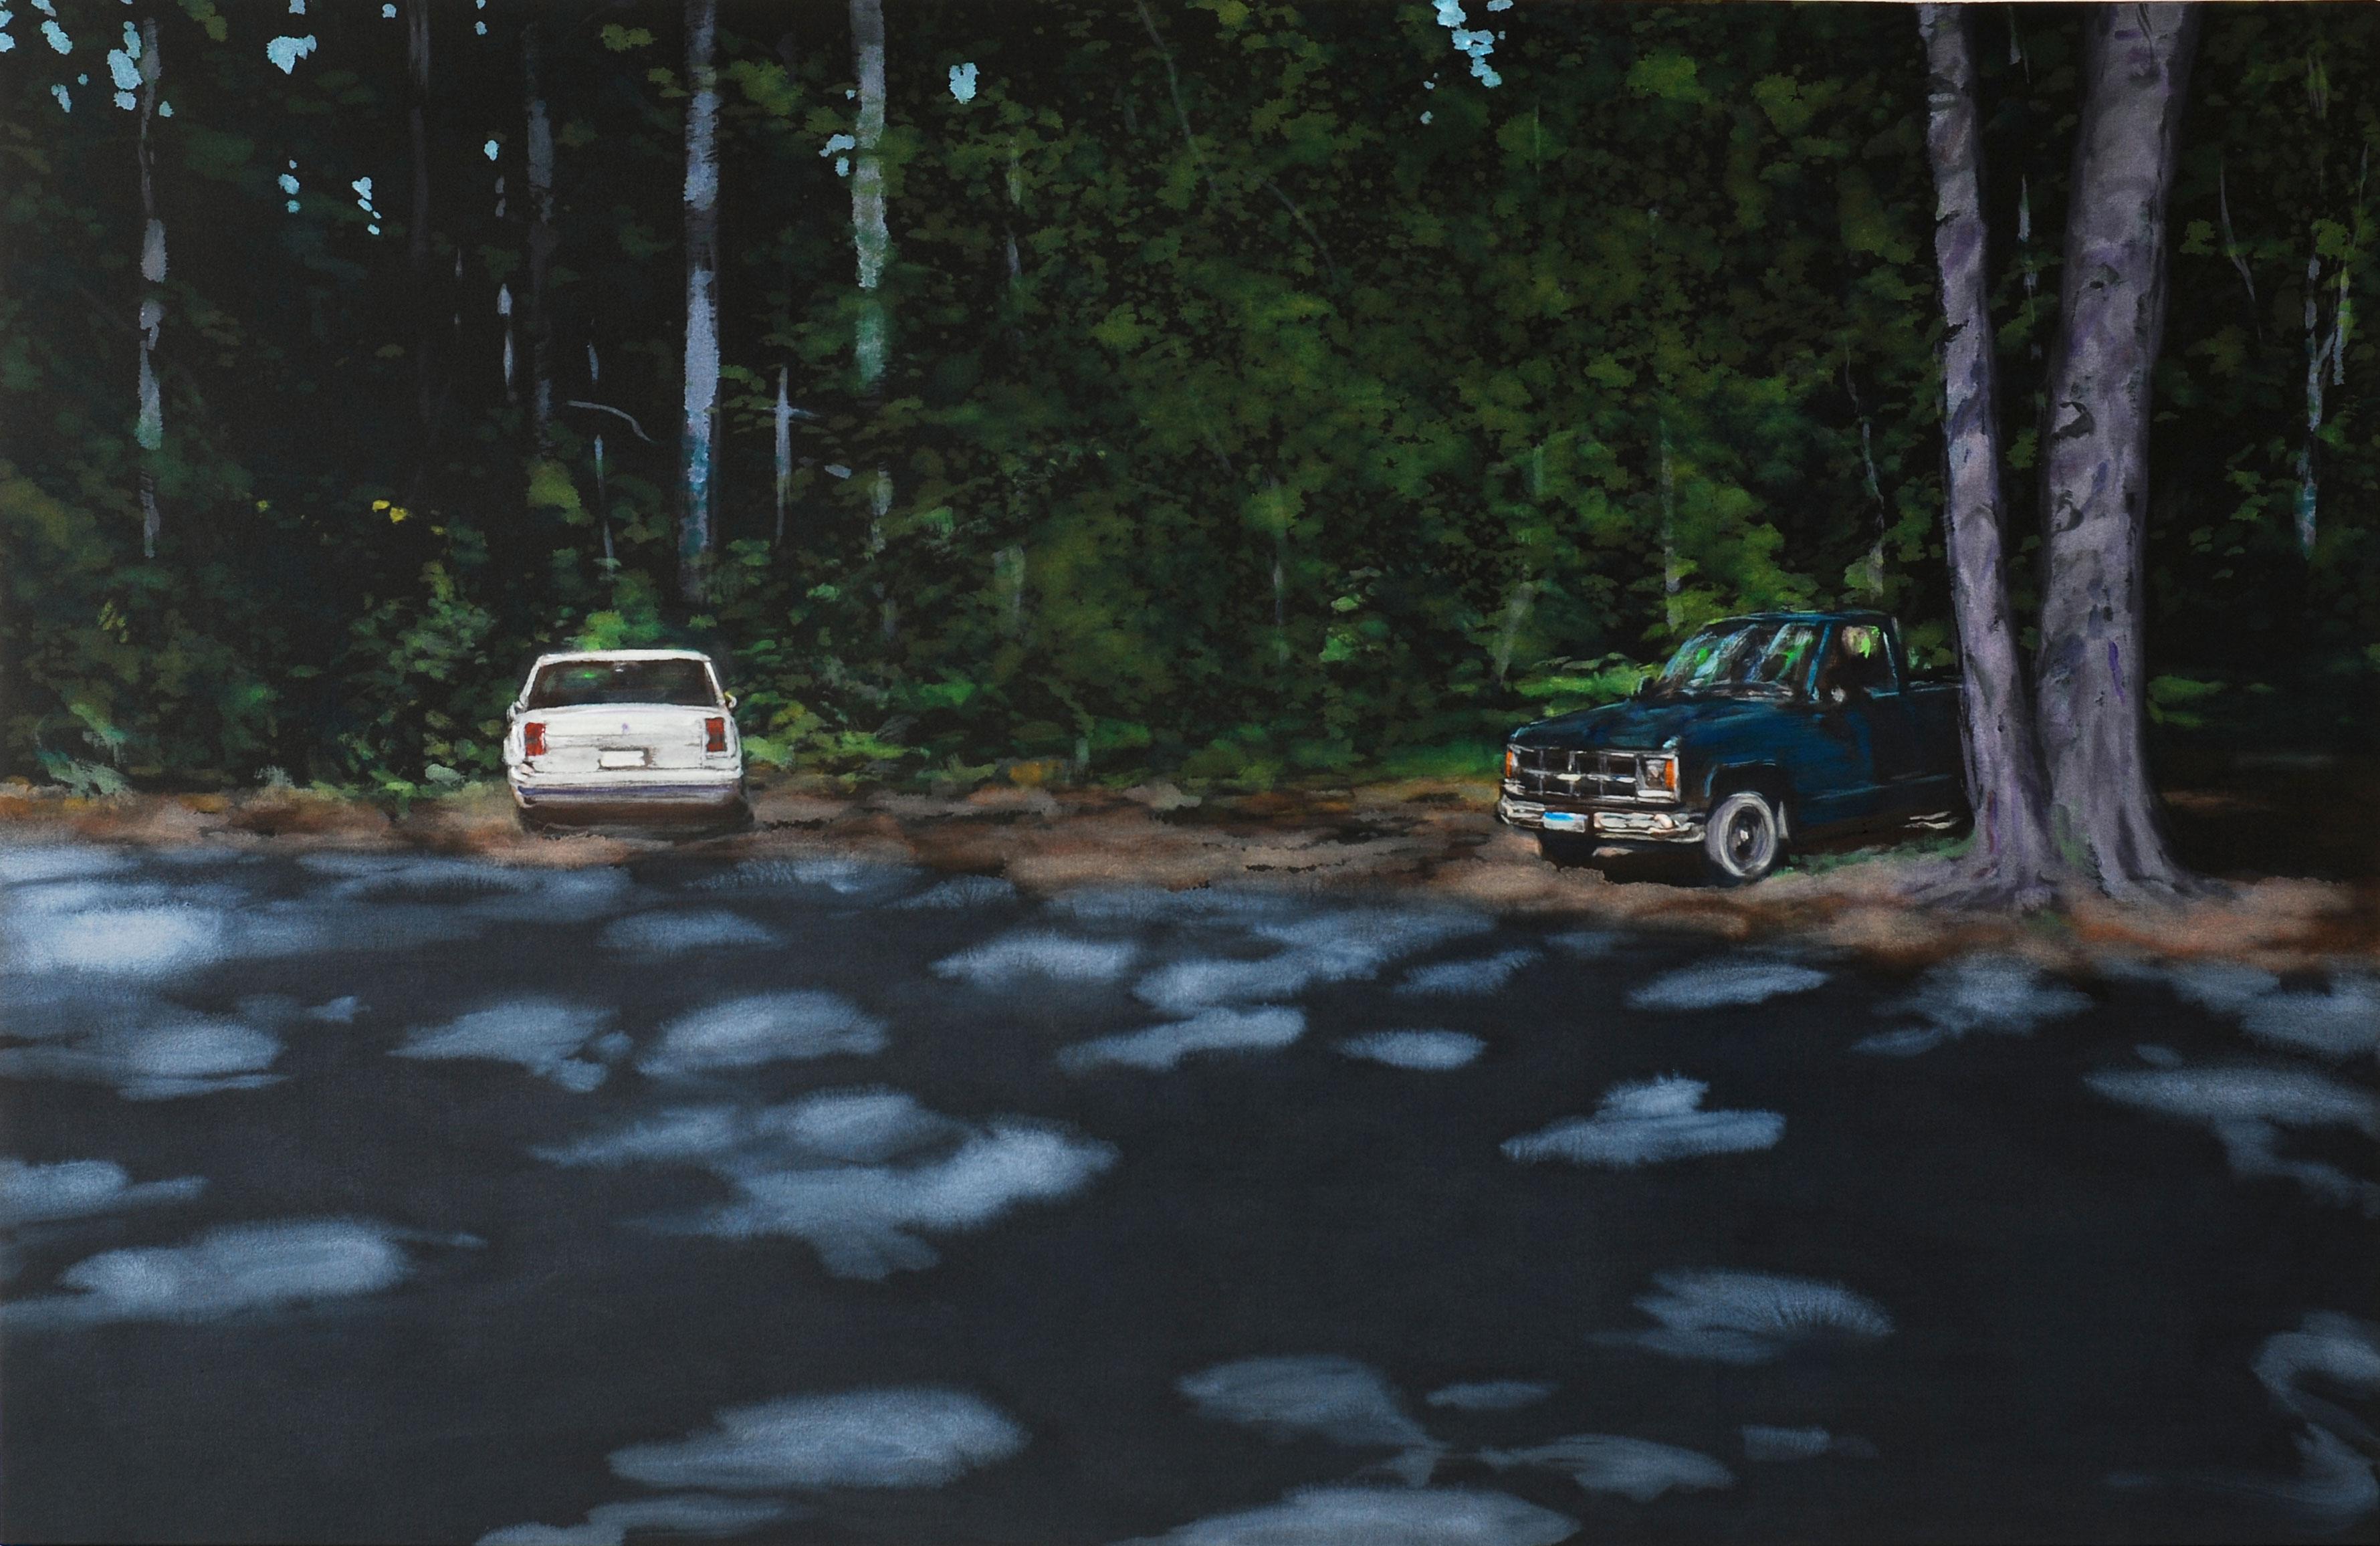 Malerei von Benjamin Nachtwey (Foto: Benjamin Nachtwey)